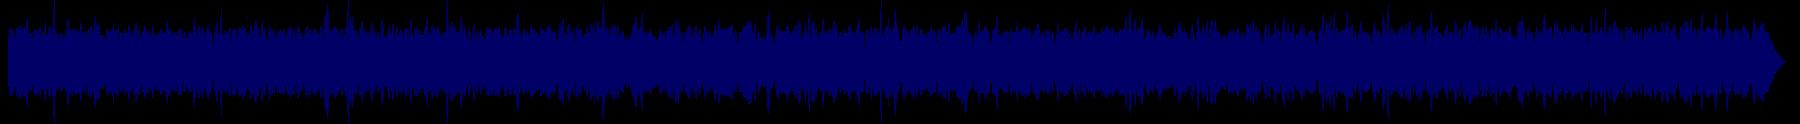 waveform of track #69264